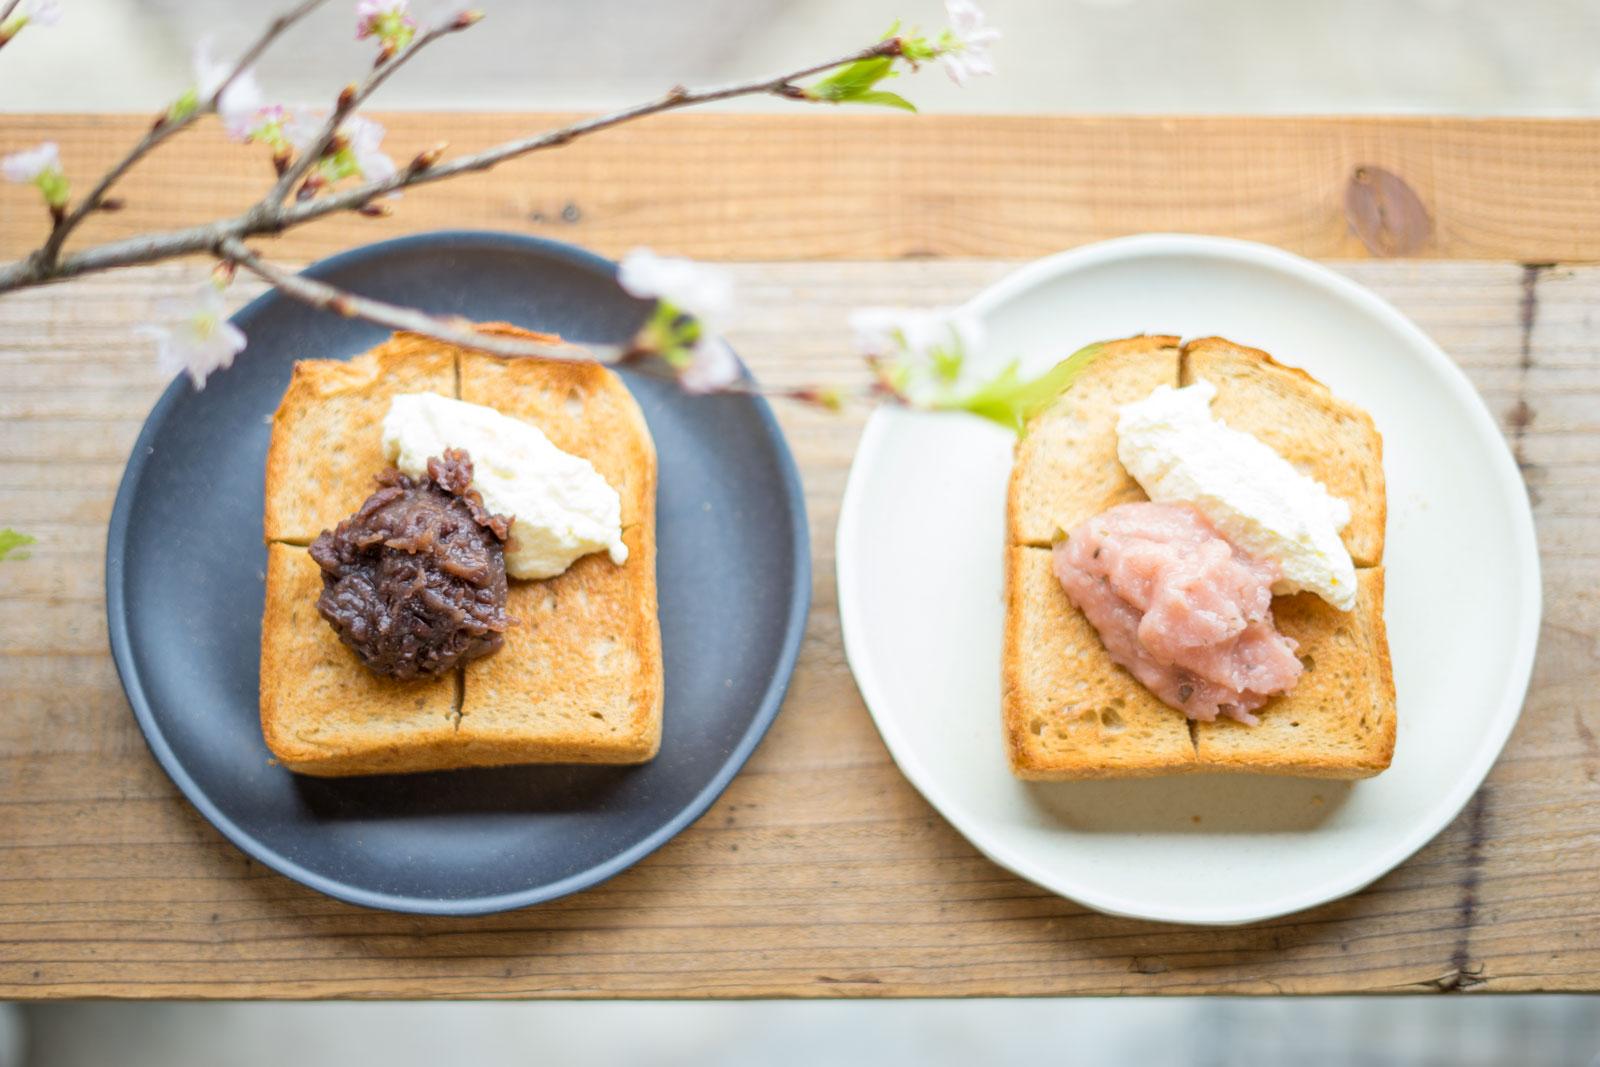 【期間限定】さくら香る桜餡トースト&王道の小倉餡トーストがデビュー